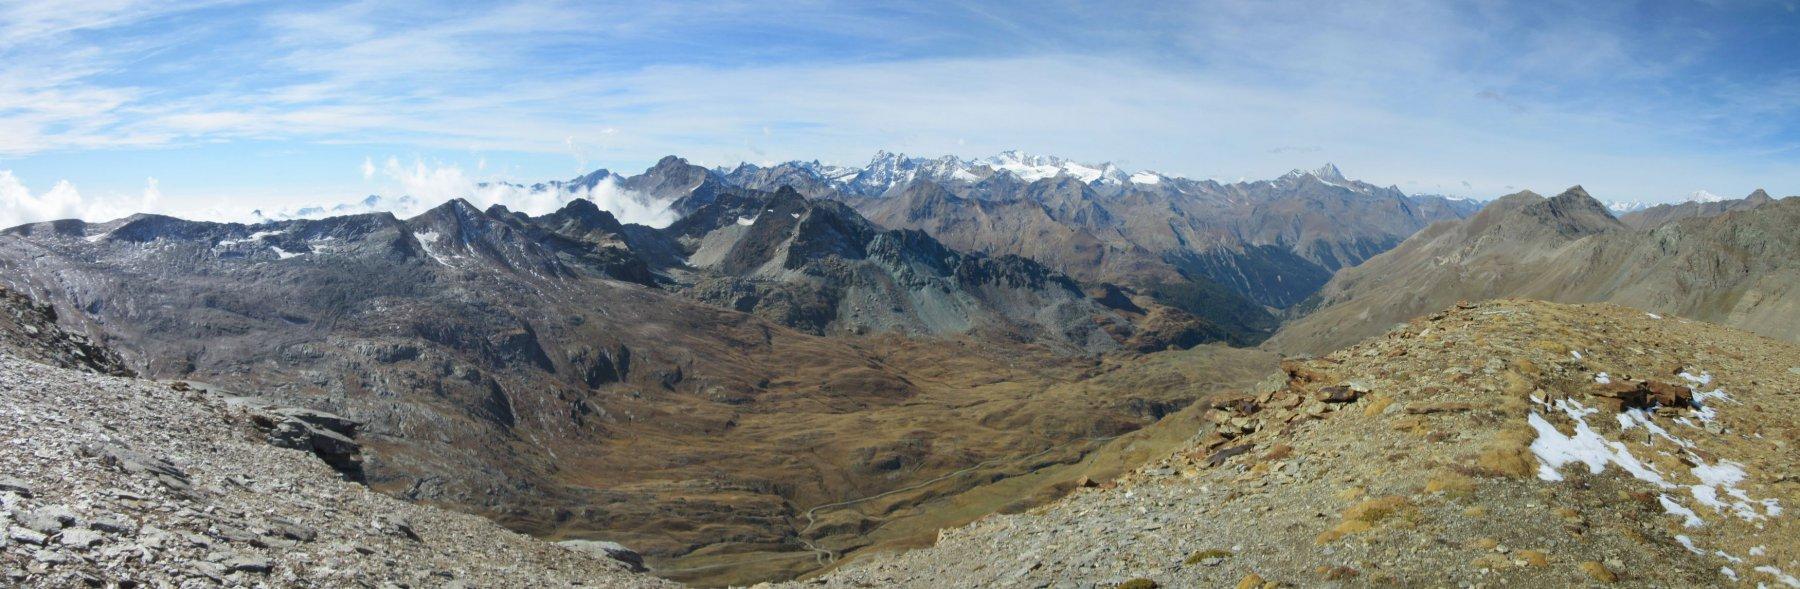 Panorama dalla vetta vallone dell'Urtier